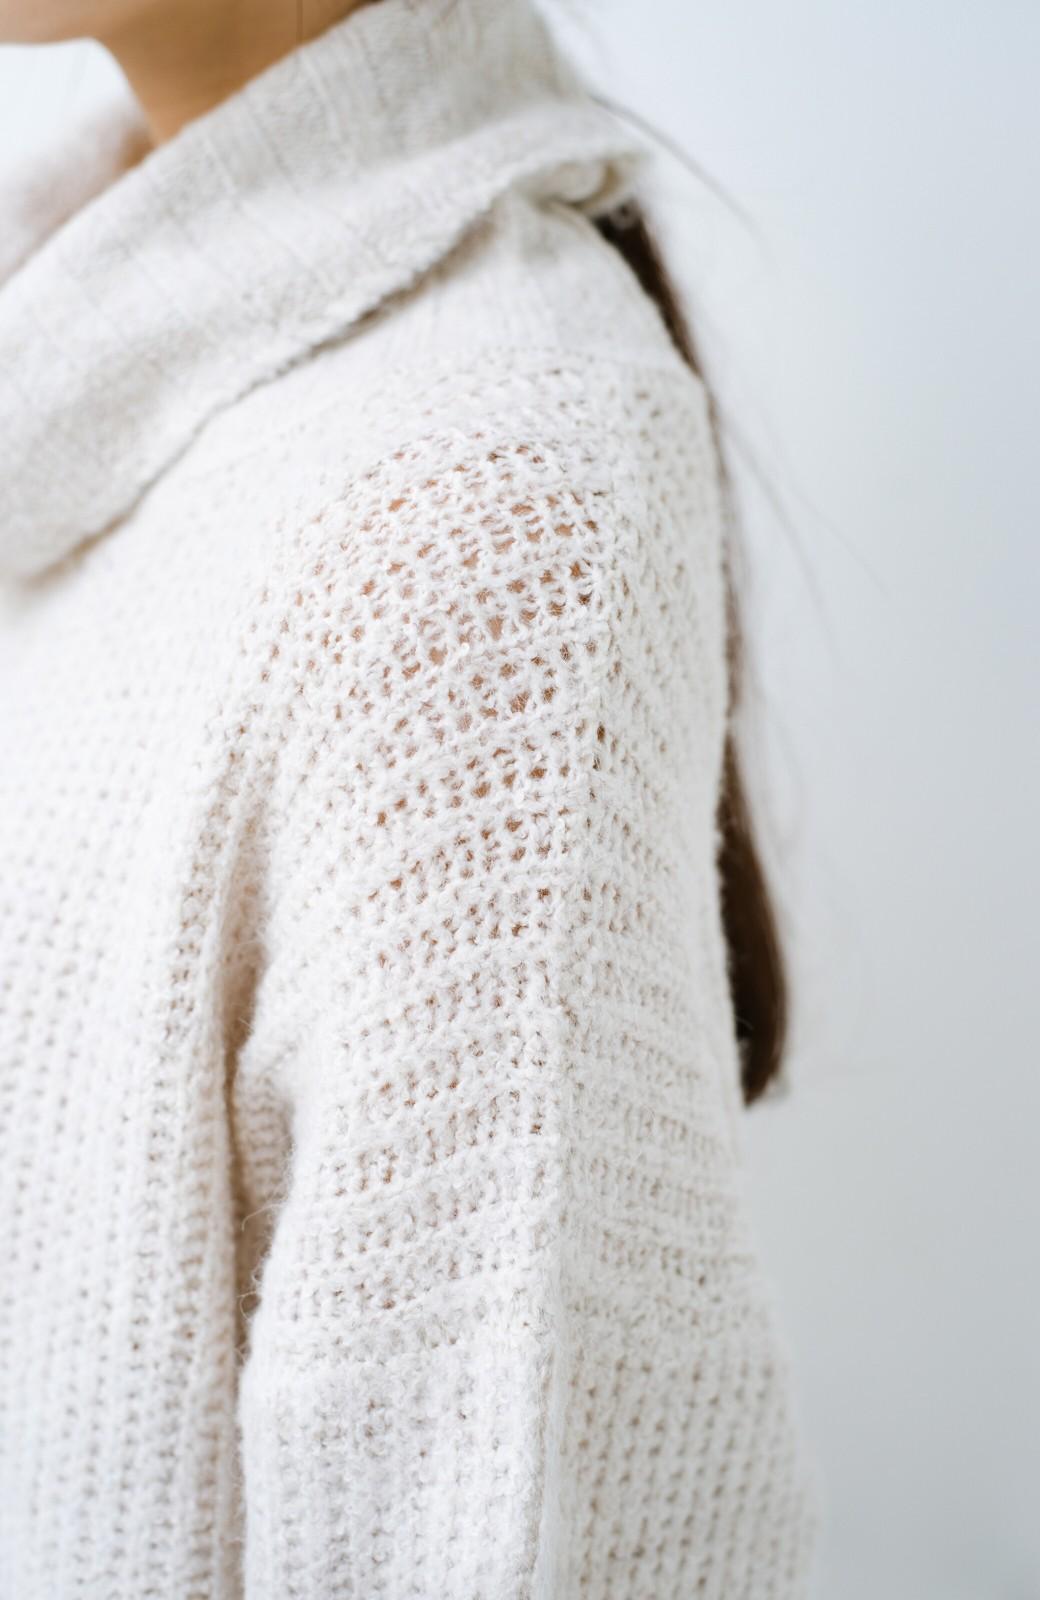 haco! 単品でも重ね着にも便利!ミックス糸がかわいいタートルニットワンピース <アイボリー>の商品写真8